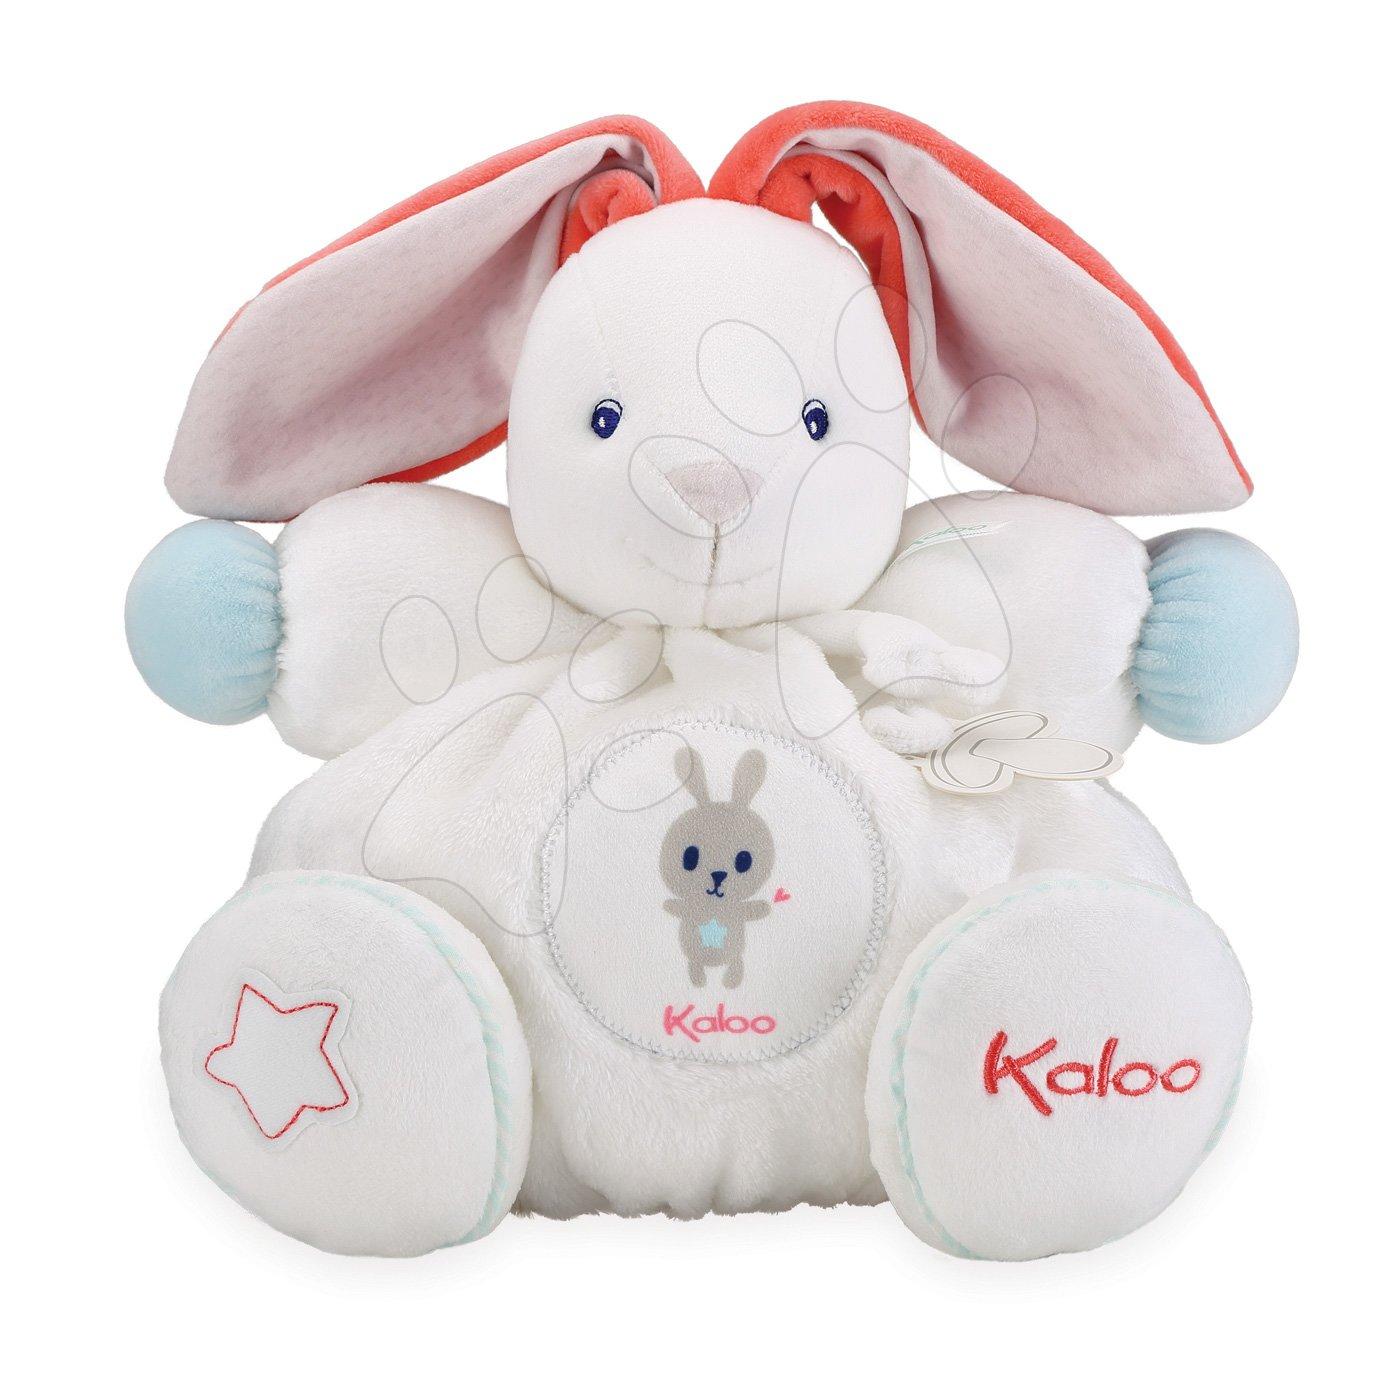 Plyšový zajac Imagine Chubby Kaloo svetielkujúci s hrkálkou v darčekovom balení 30 cm biely